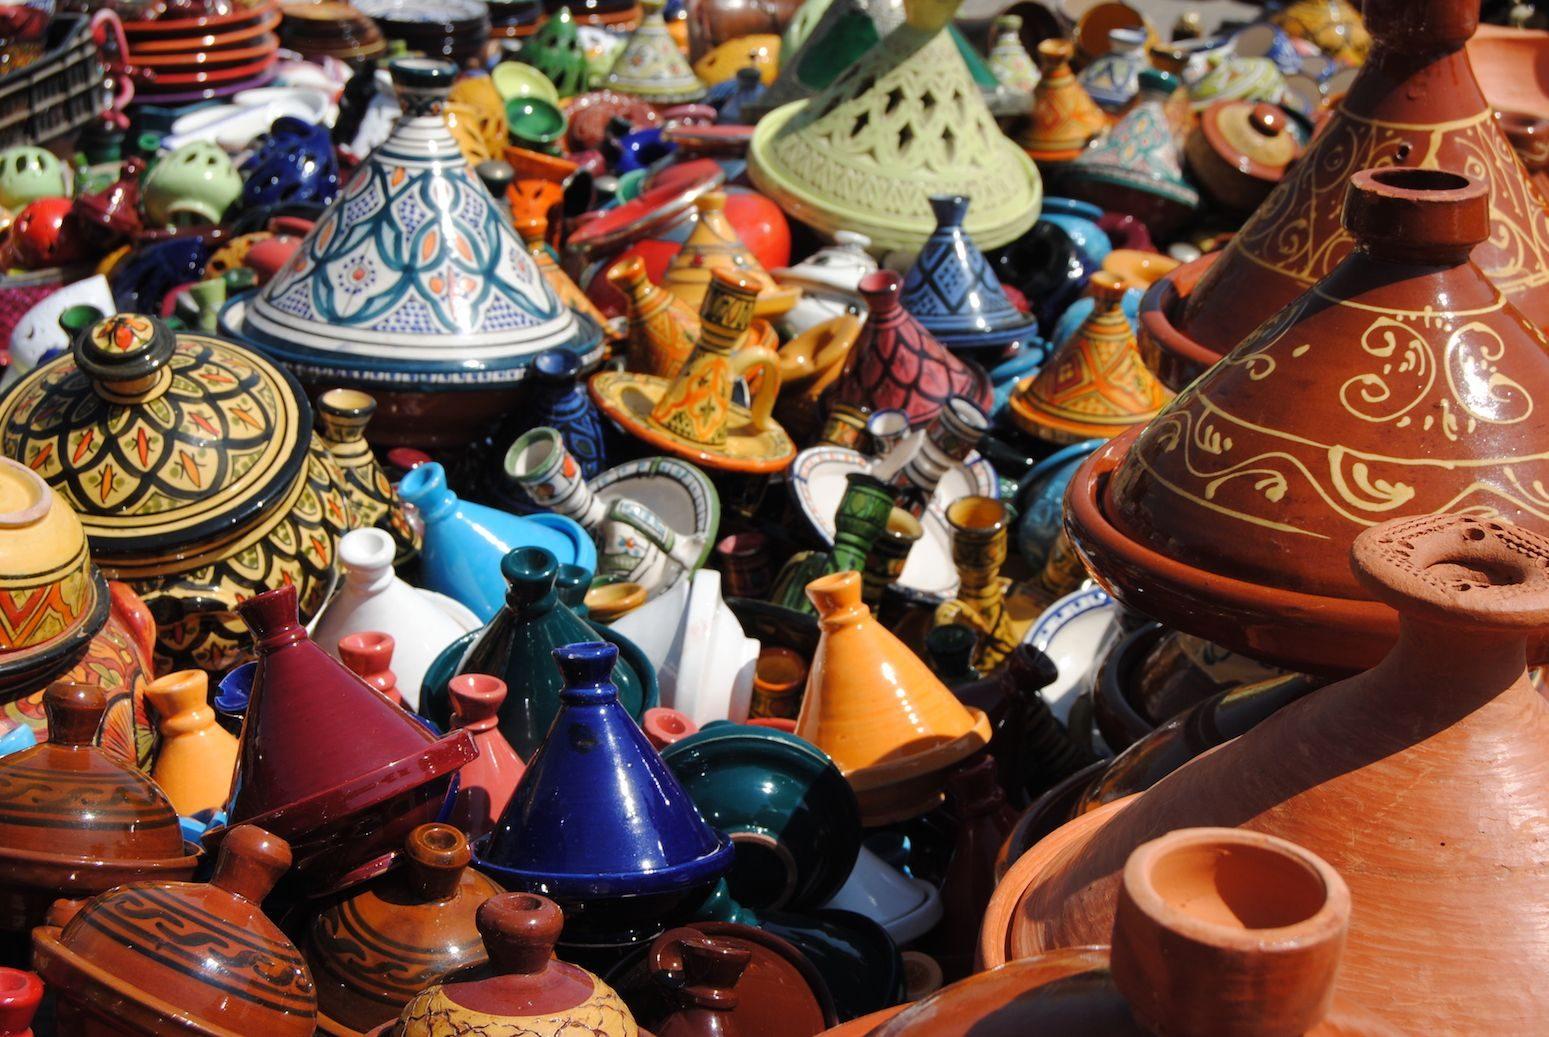 Cerámica en zoco de Meknés (Marruecos)